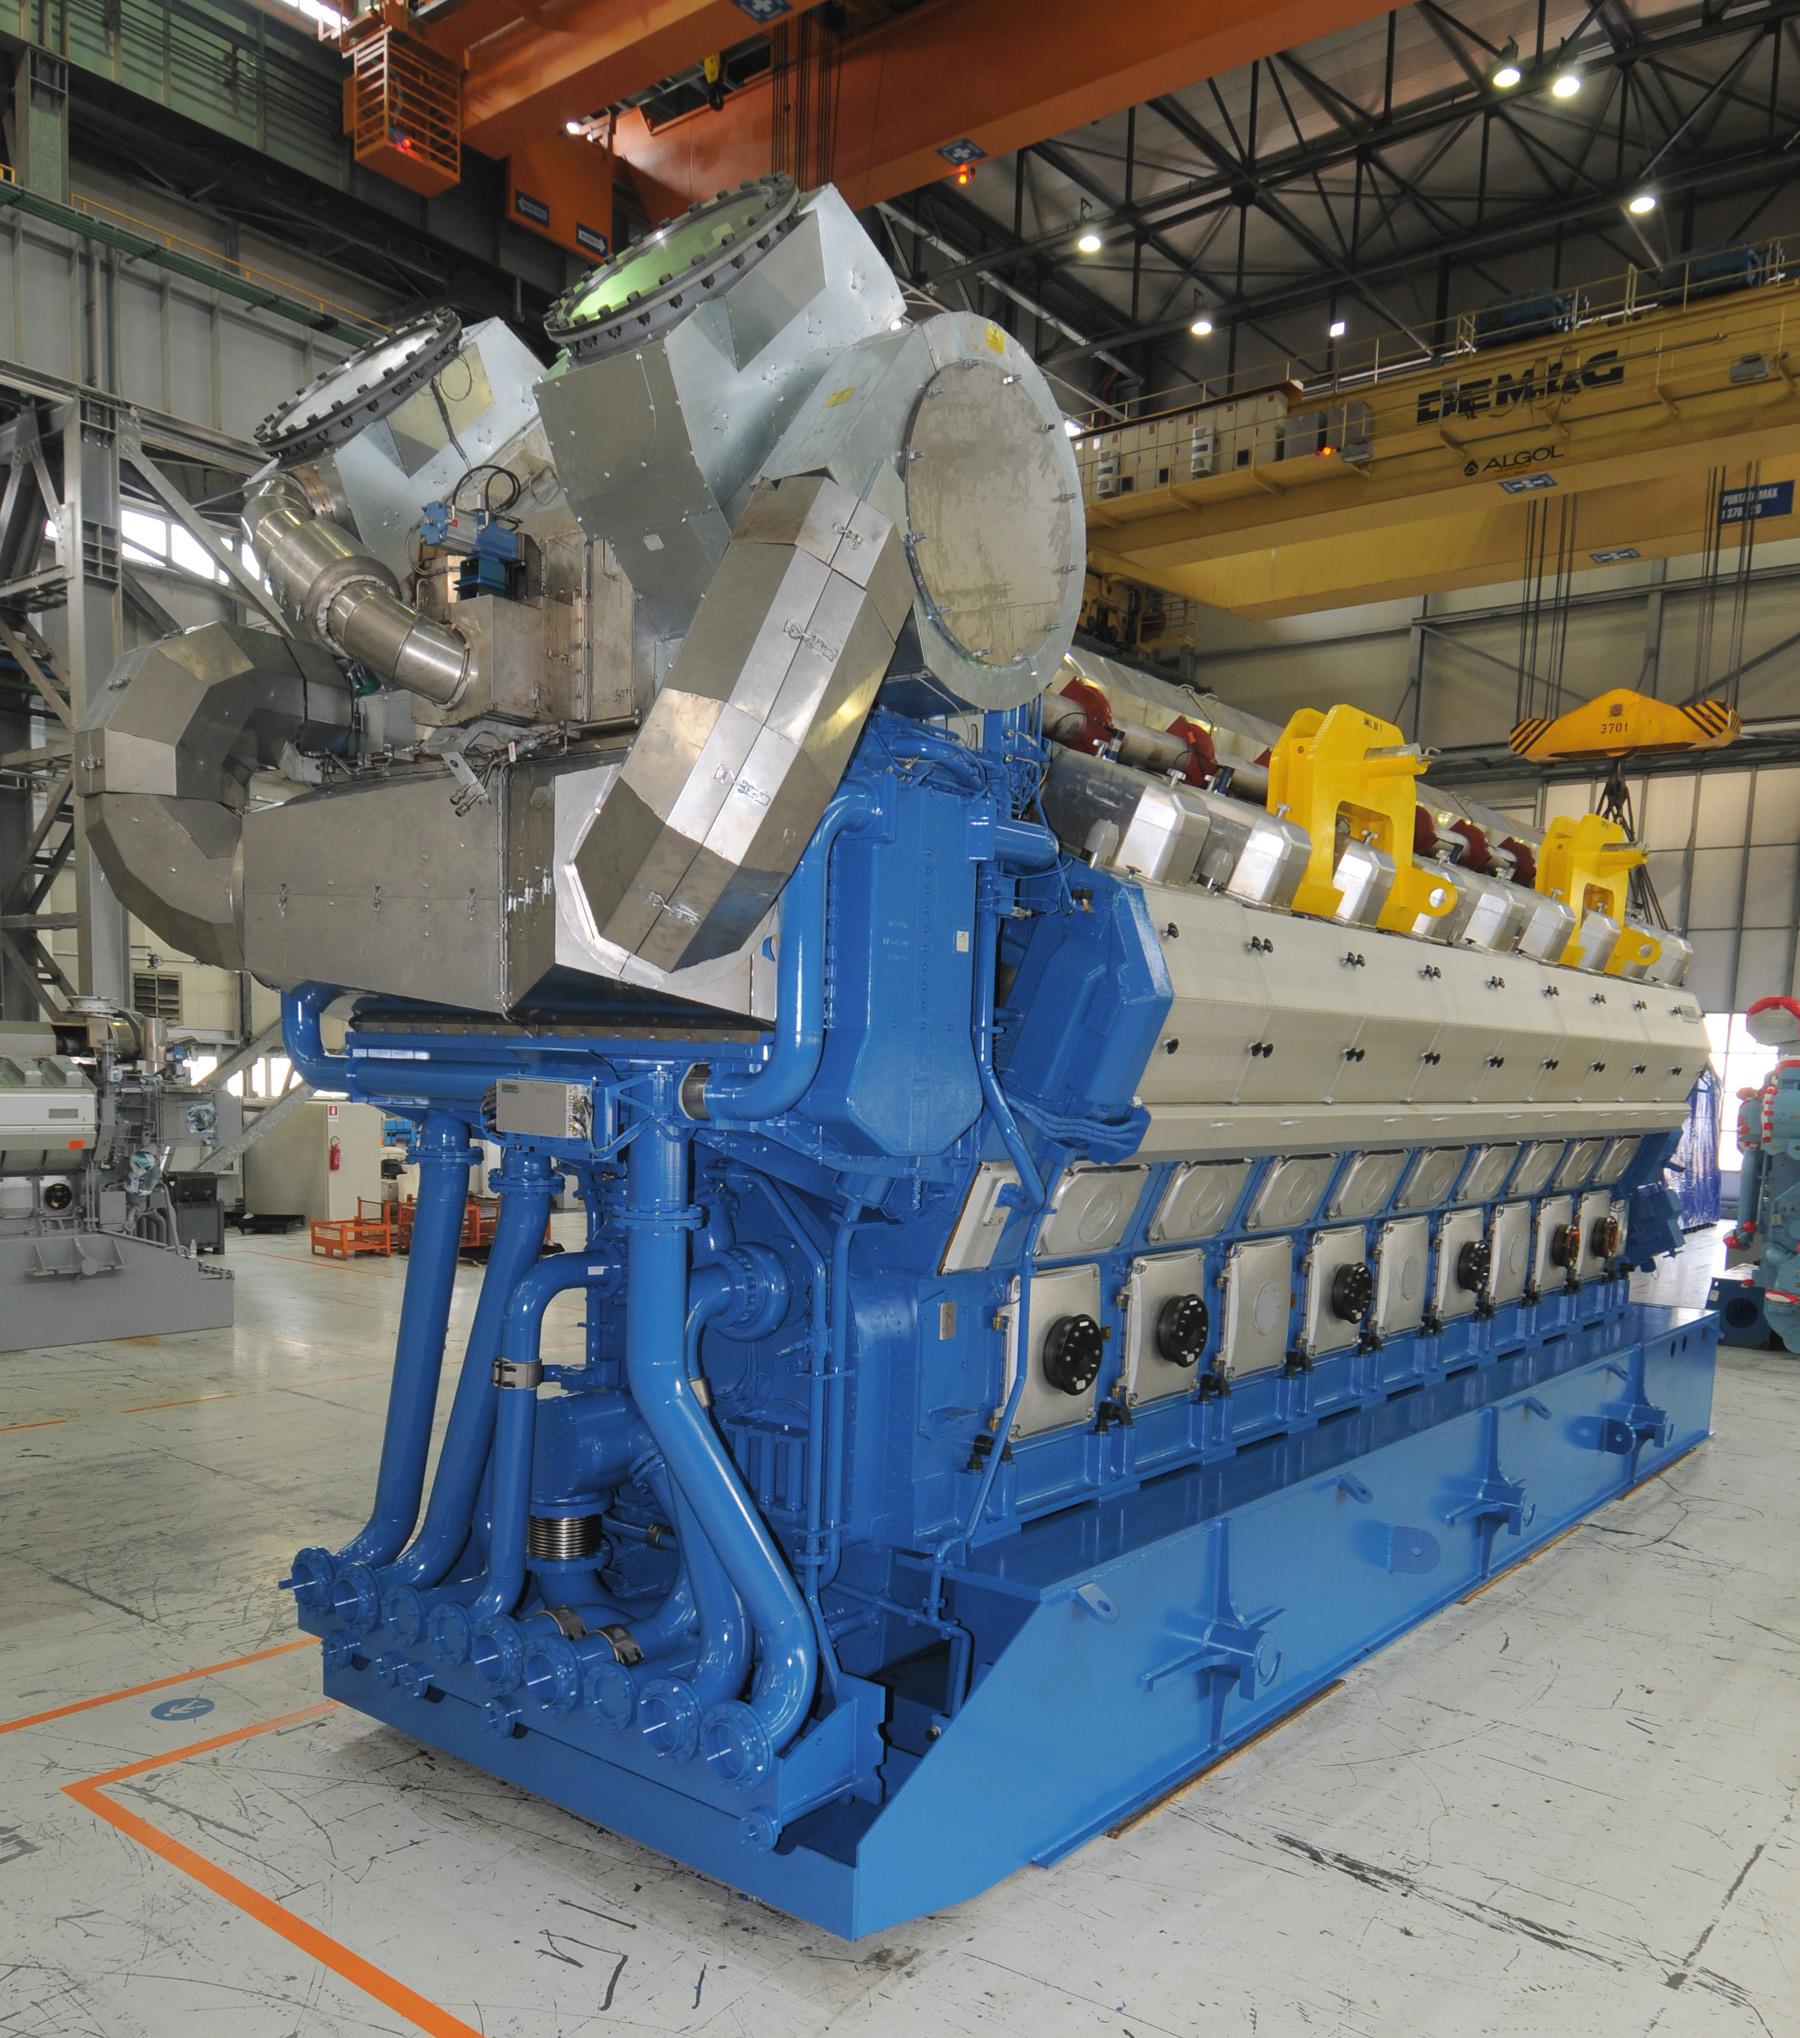 Engineer Live Engines & Turbines